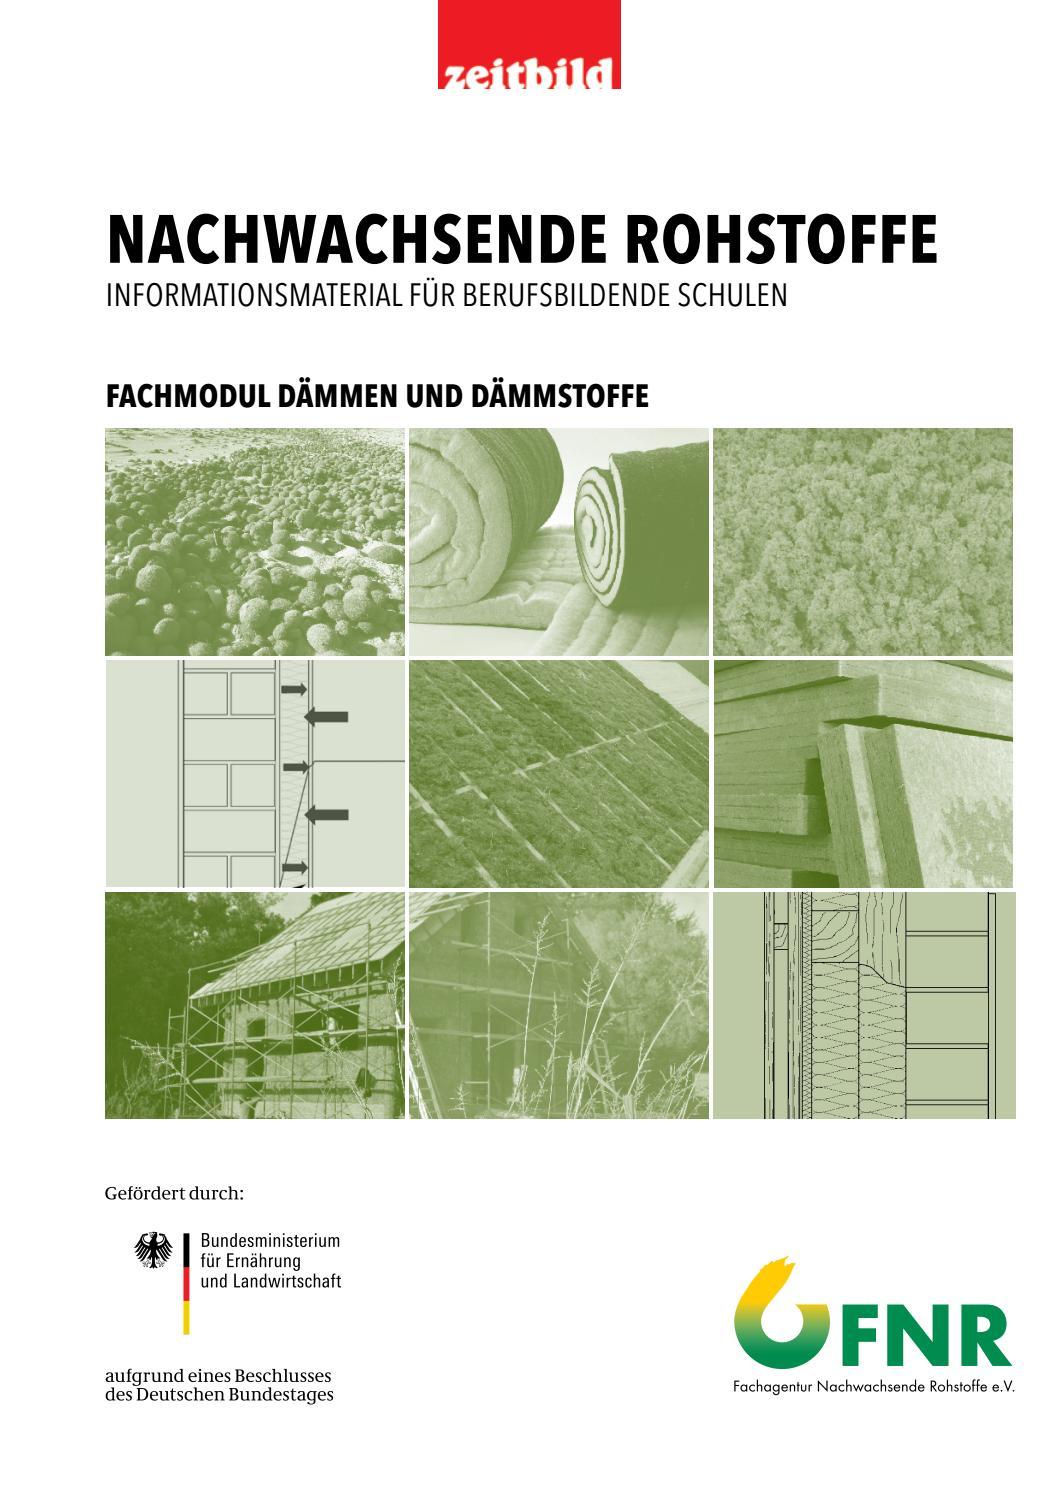 Zeitbild Fachmodul Nawaro Dämmen By Zeitbild Verlag - Issuu